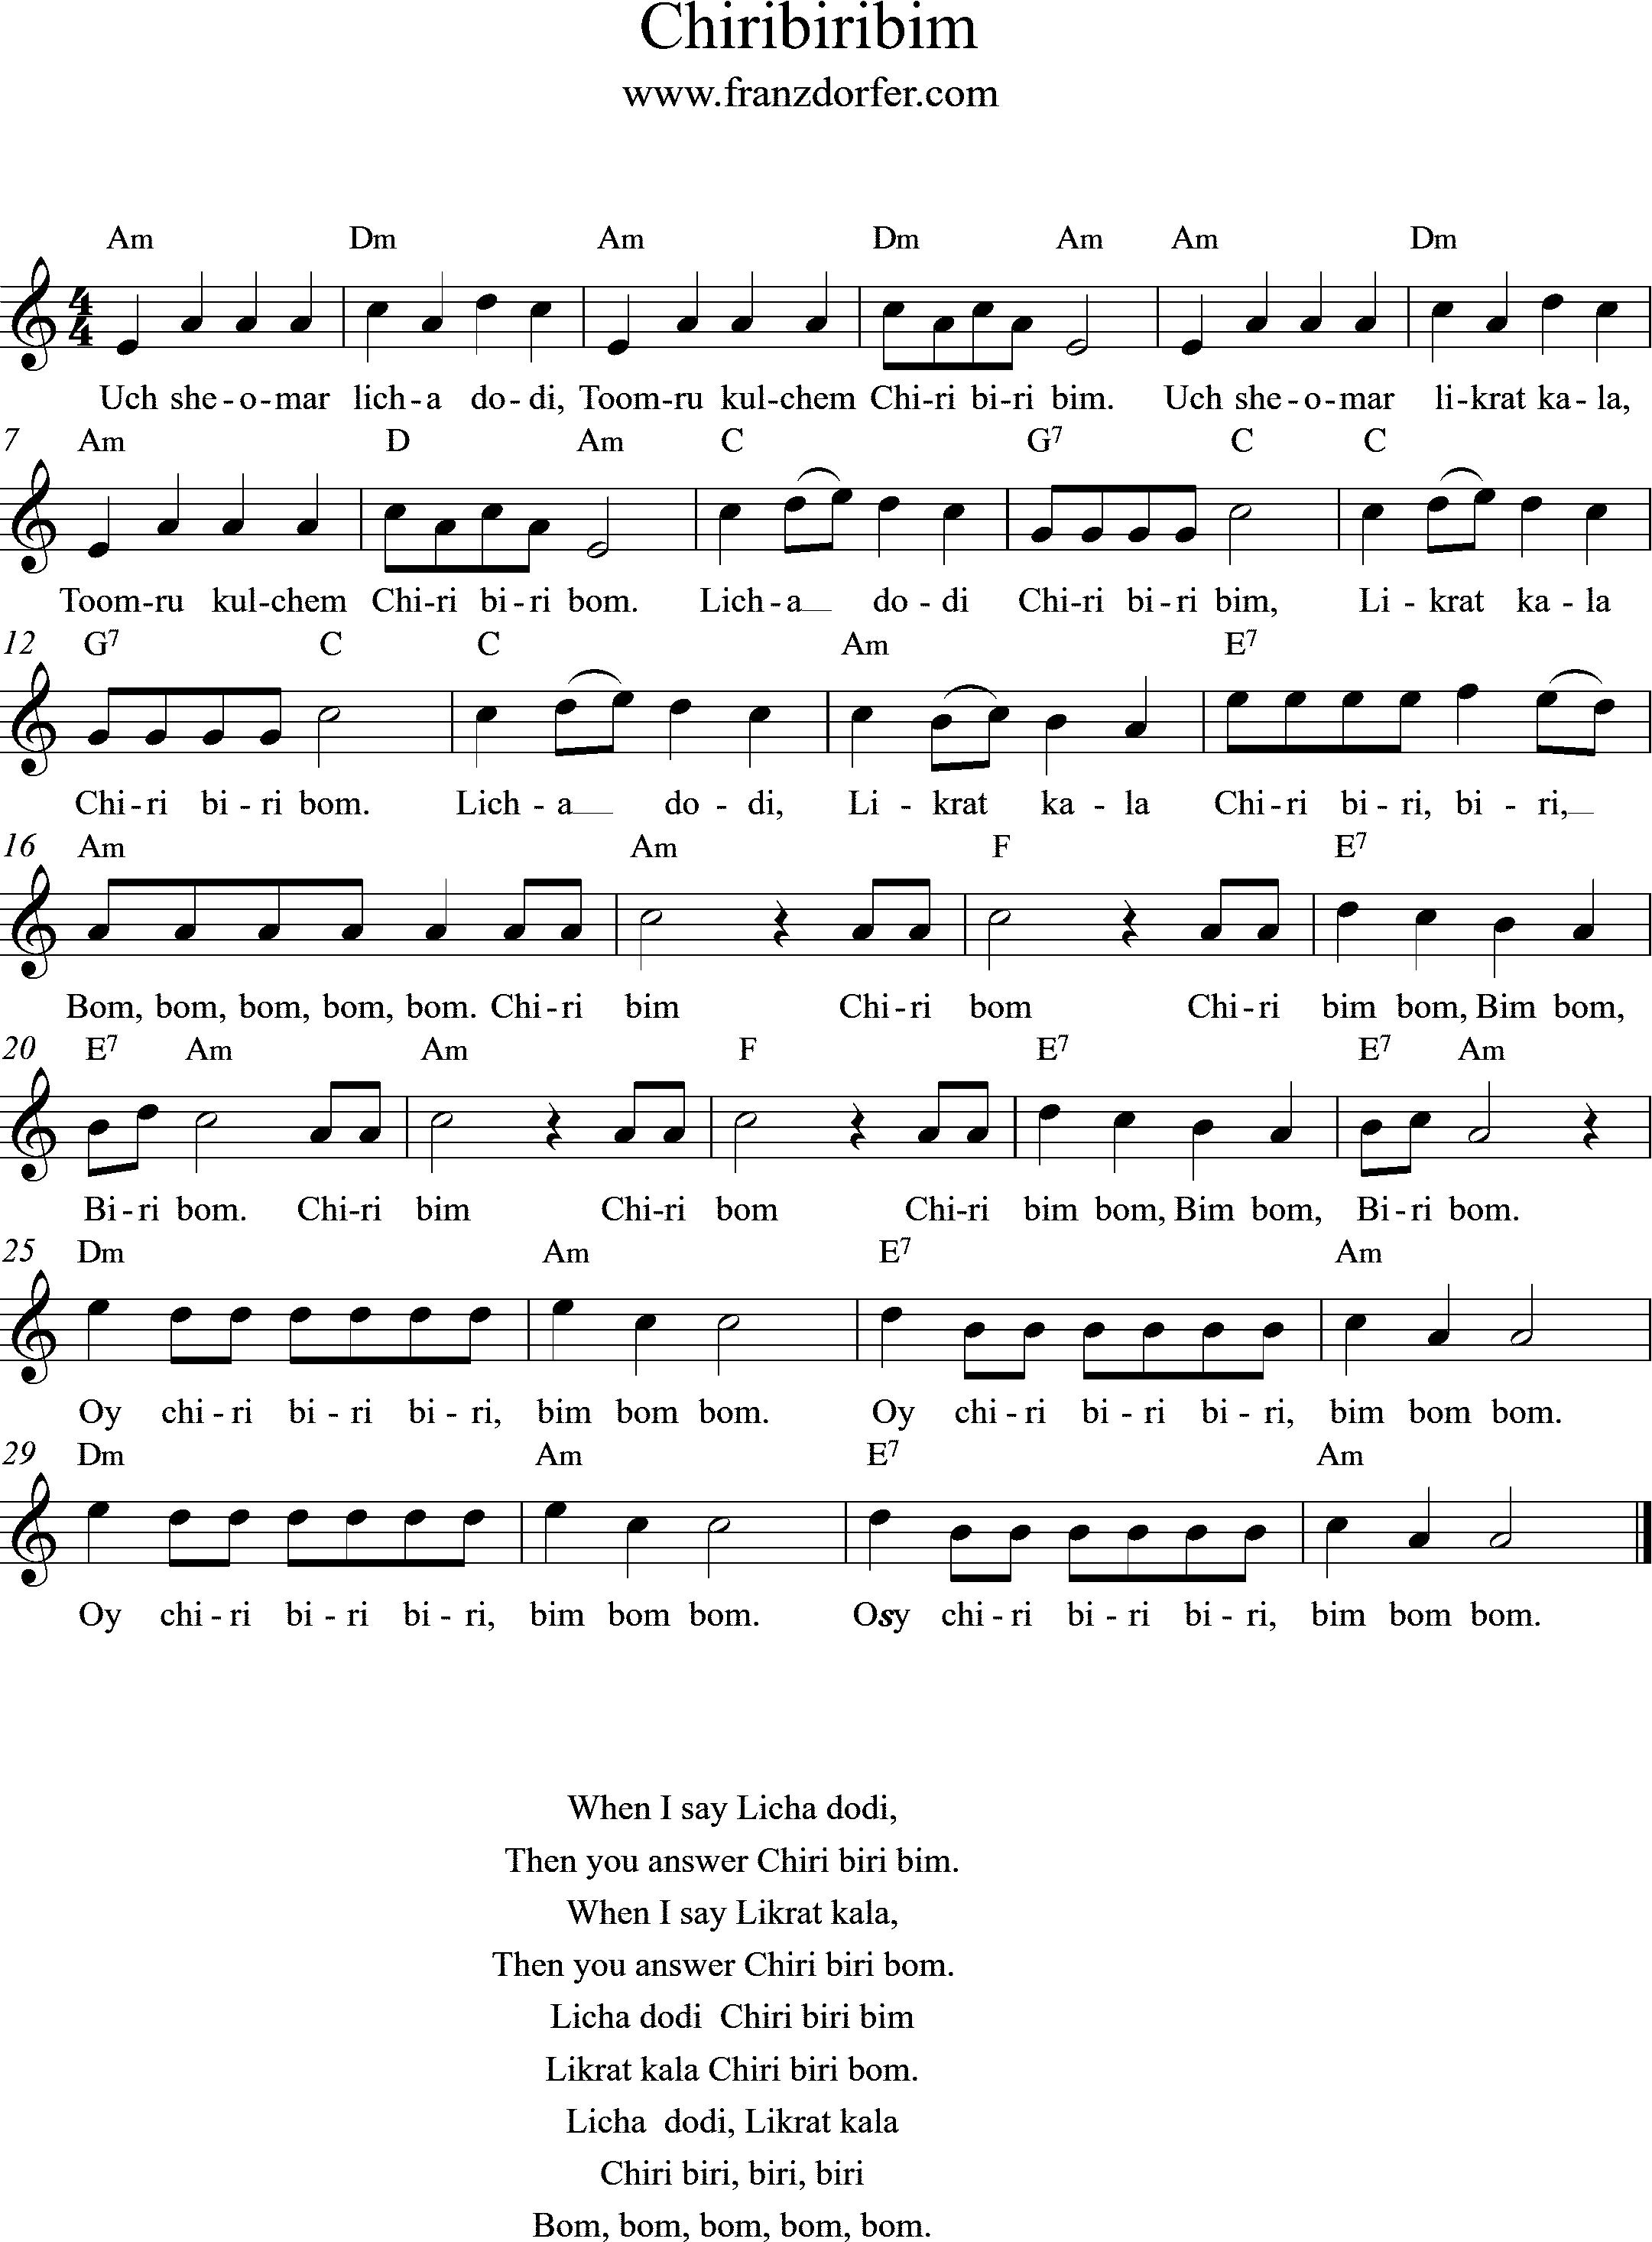 clarinet Chriribiribim